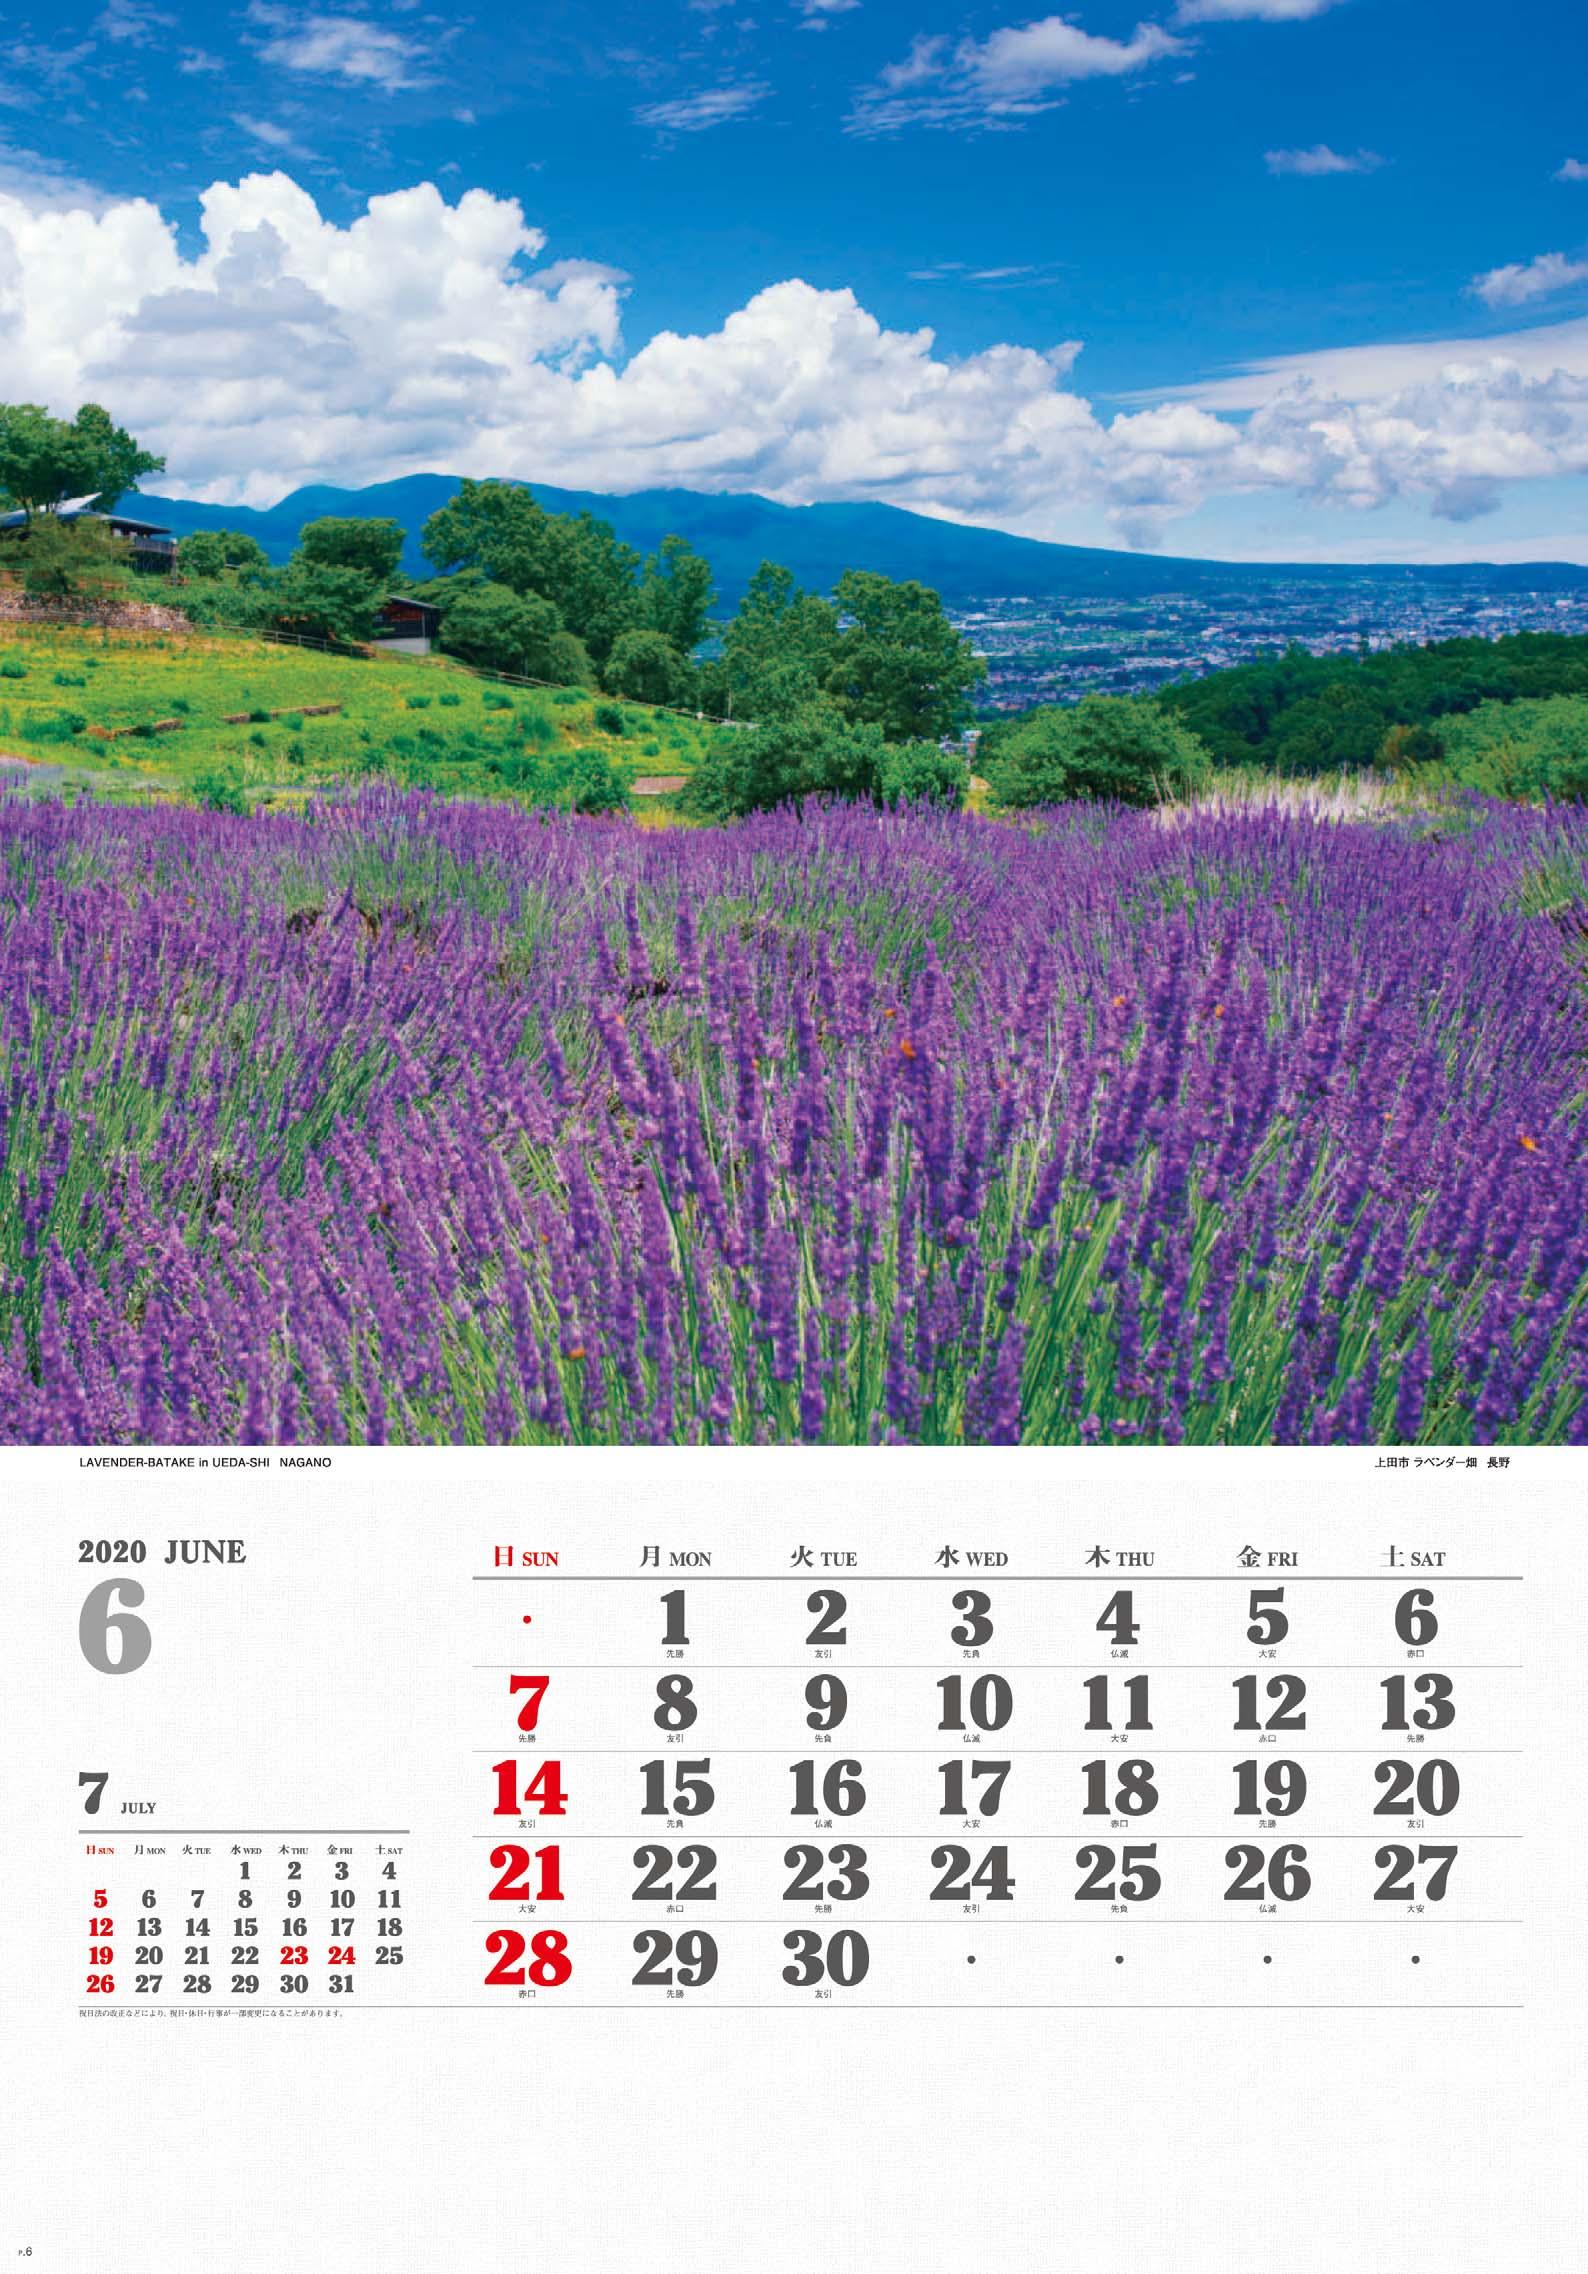 画像:ラベンダー畑 上田市(長野) ワイドニッポン十二選(フィルムカレンダー) 2020年カレンダー